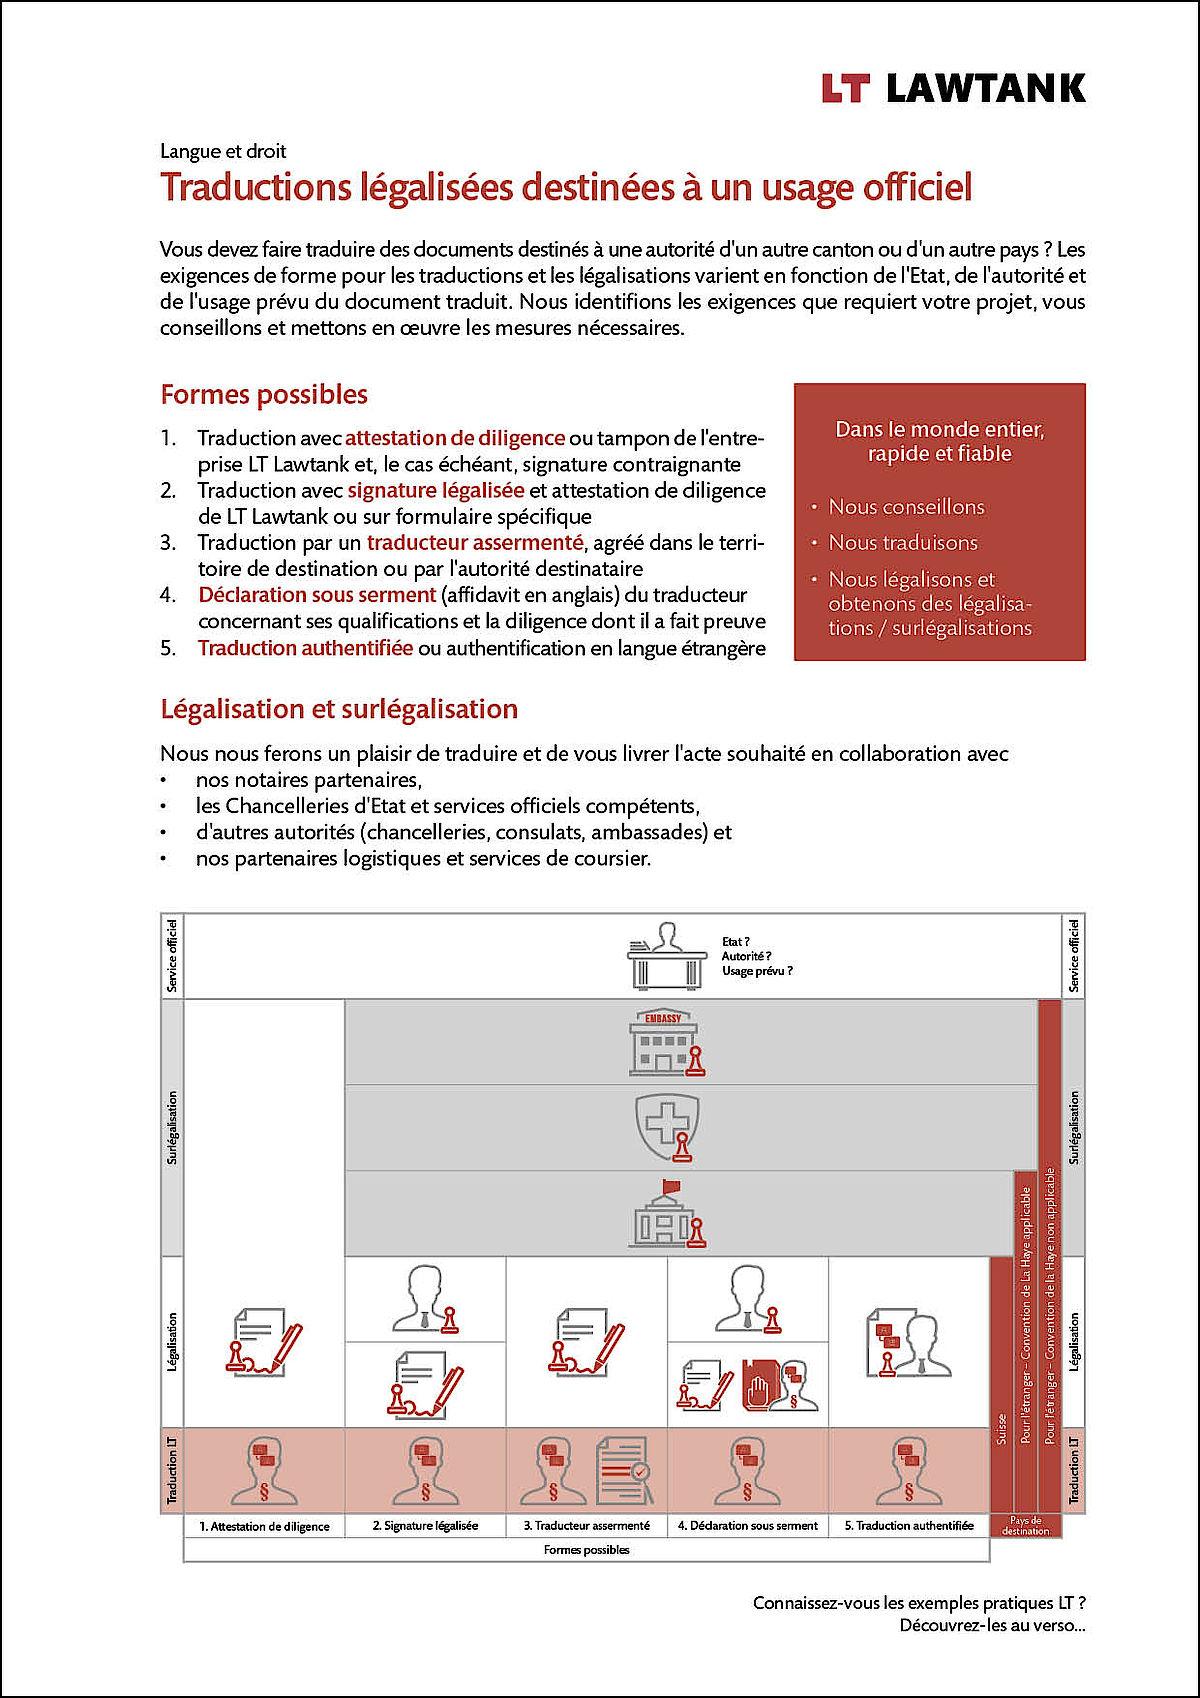 LT Lawtank - Traductions légalisées destinées à un usage officiel - Dans le monde entier, rapide, fiable